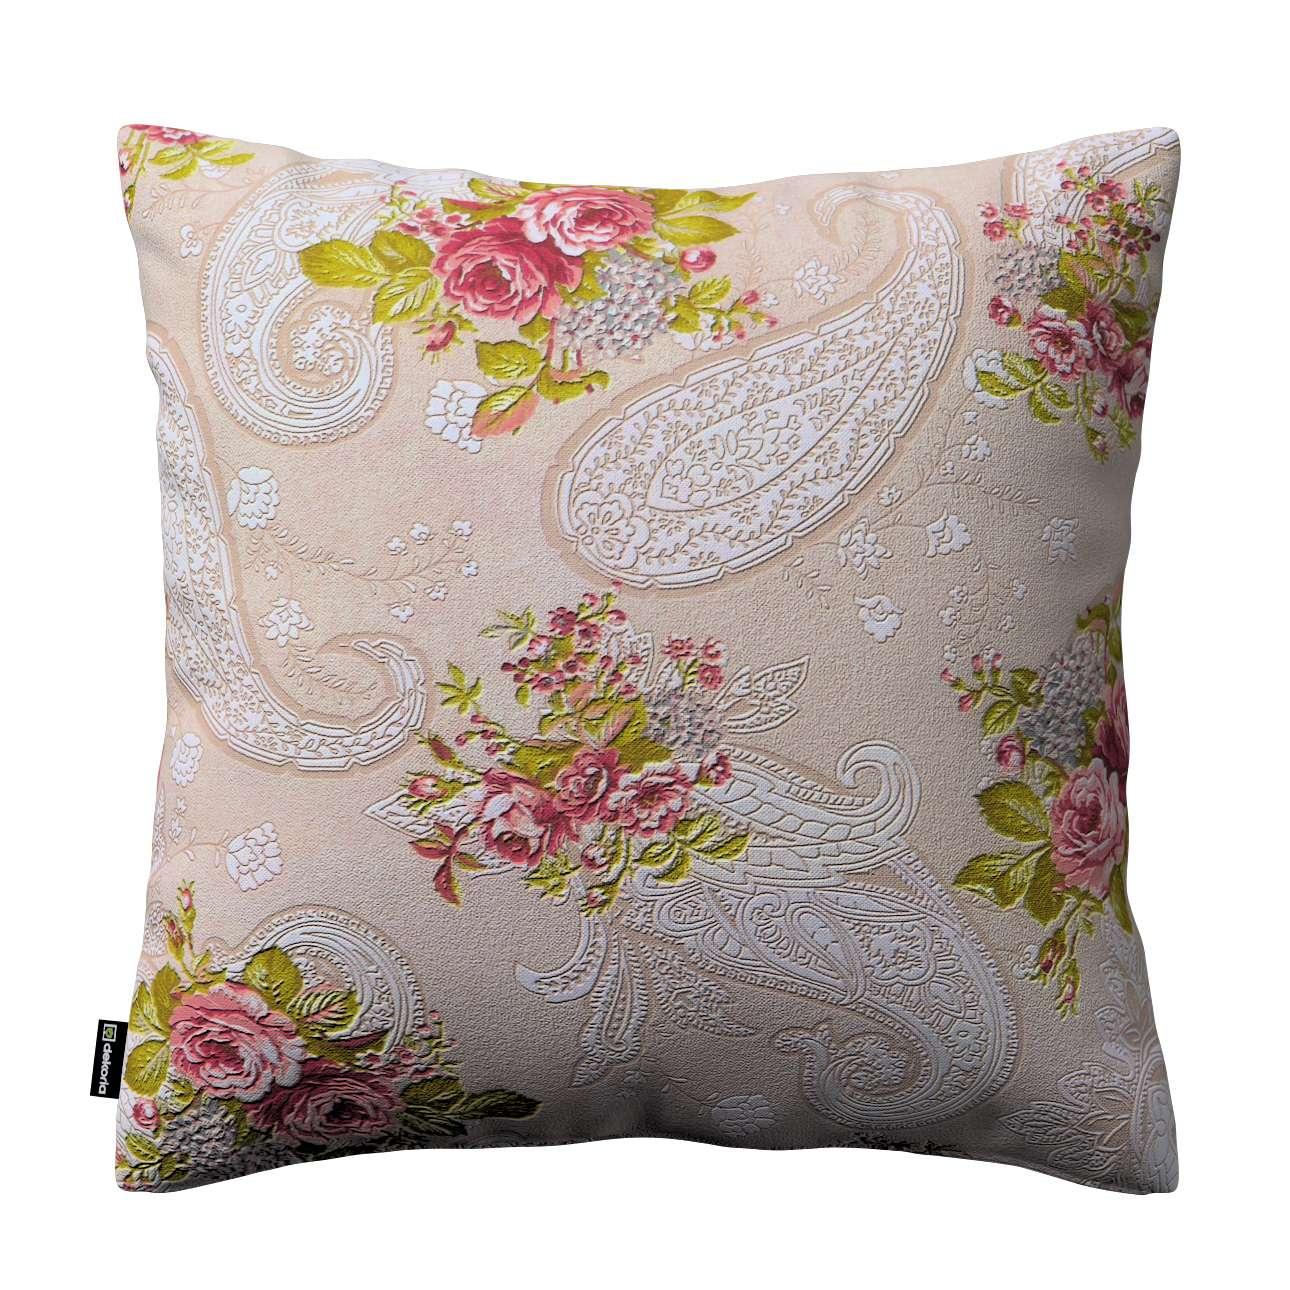 Poszewka Kinga na poduszkę 43 x 43 cm w kolekcji Flowers, tkanina: 311-15